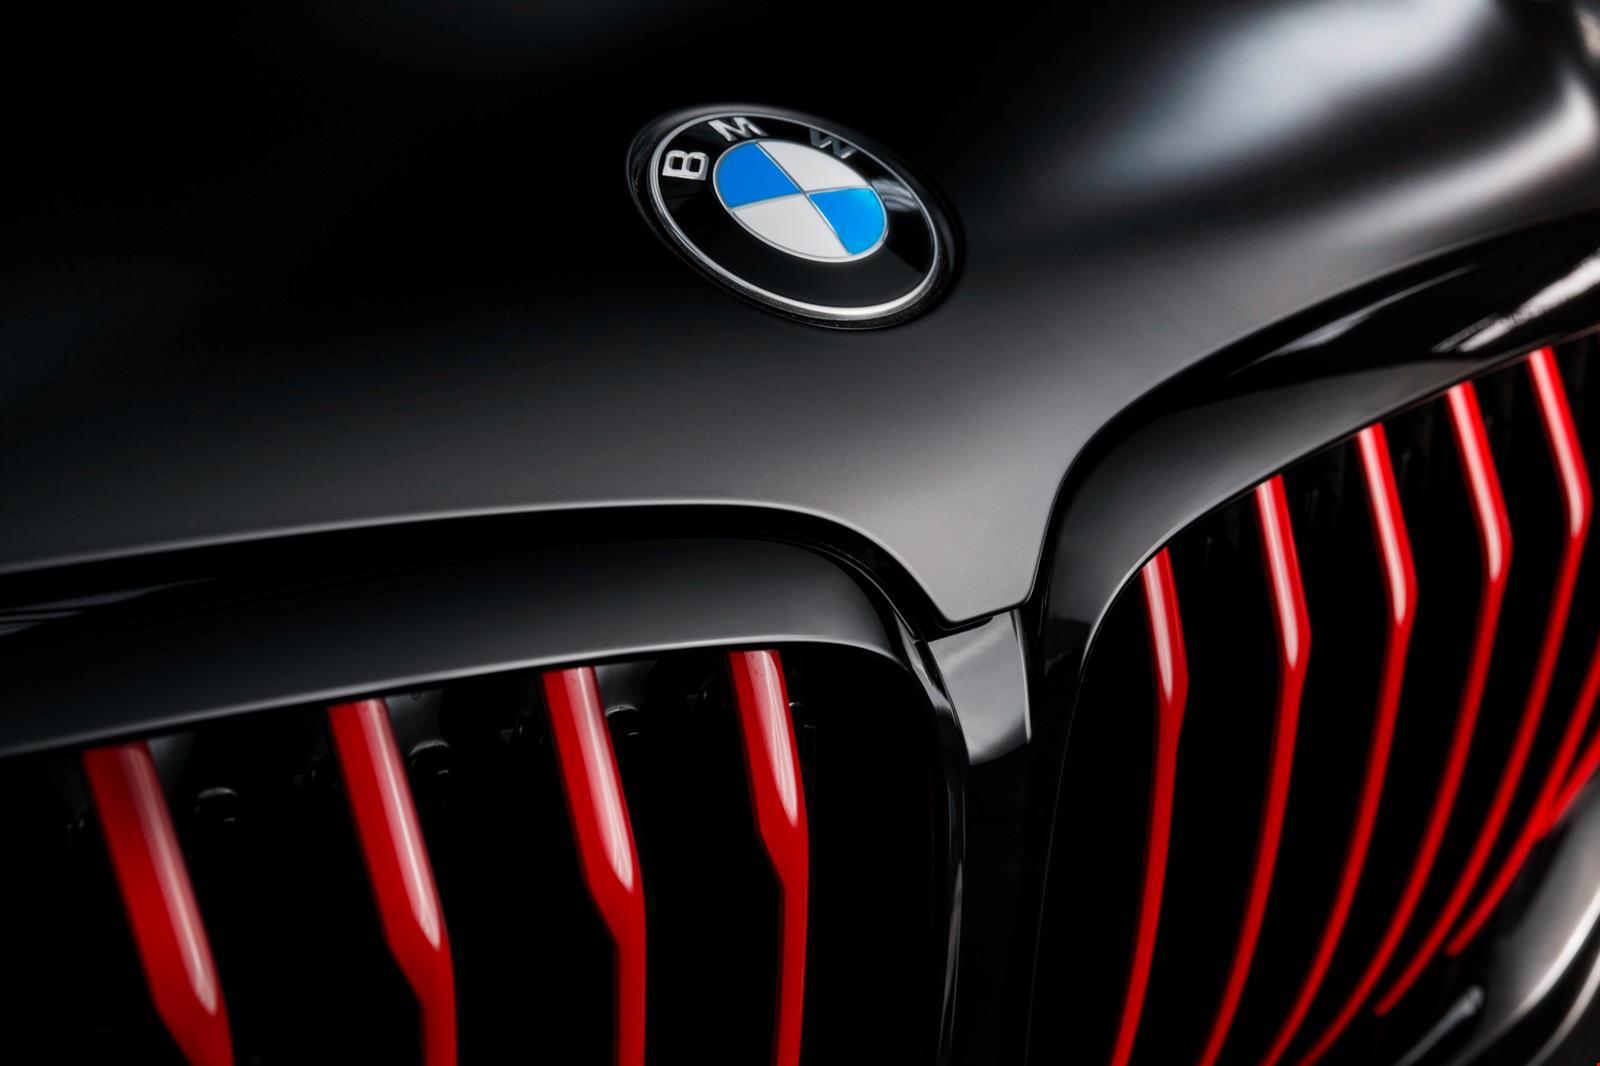 Как и X5 (а также X3, X4, X6 и X7), он построен на огромном производственном предприятии BMW в Спартанбурге, Южная Каролина. Производство по цене 6,13 млн рублей планируется начать в сентябре этого года и завершить в декабре. BMW не сообщил, когда ди